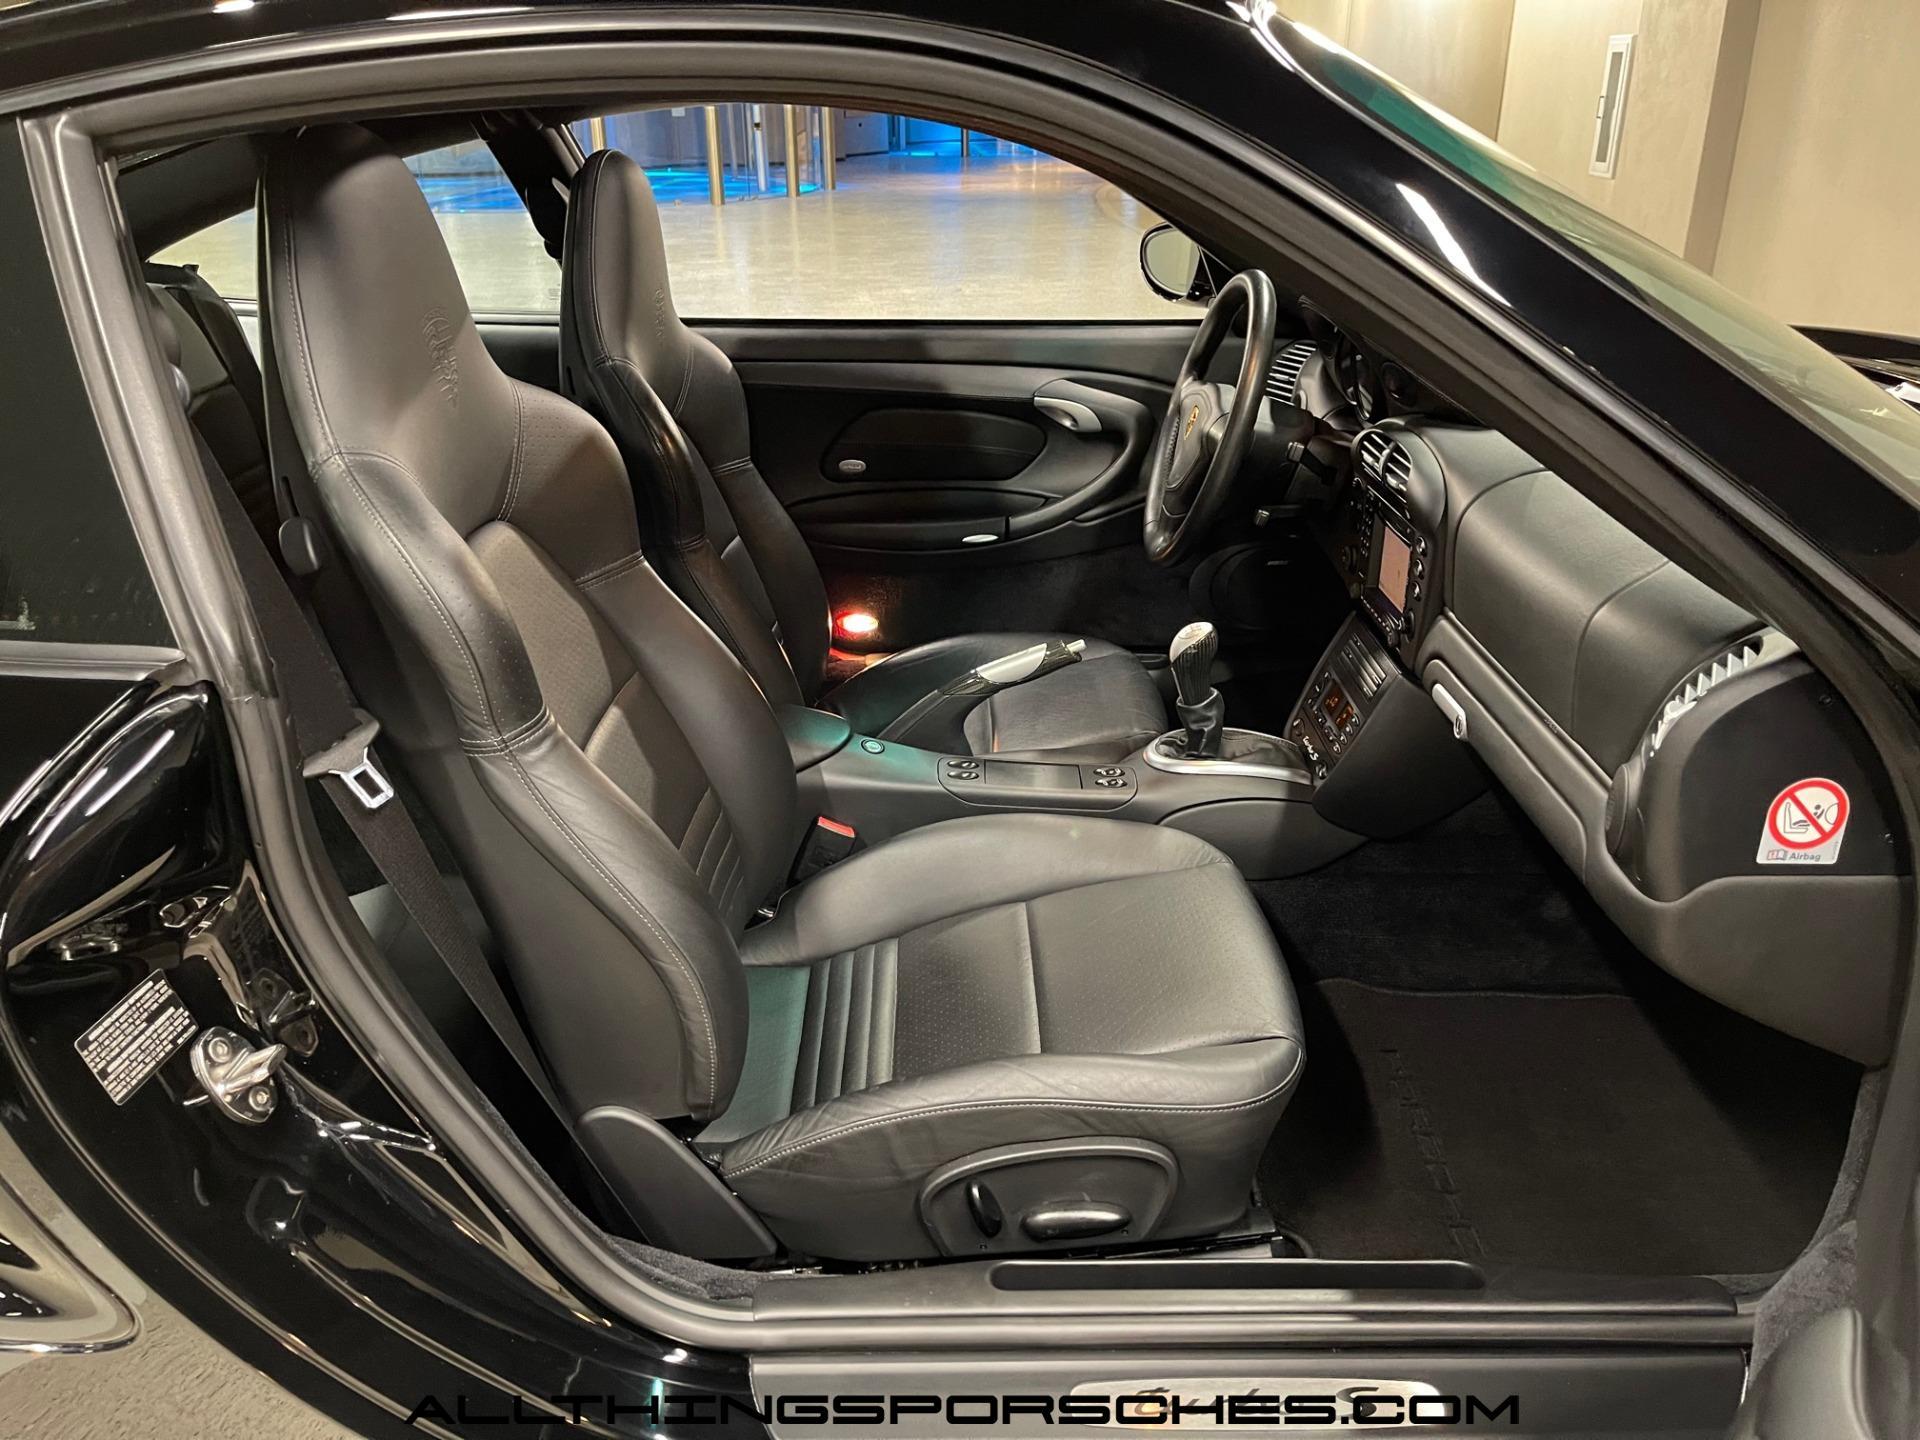 Used-2005-Porsche-911-Turbo-S